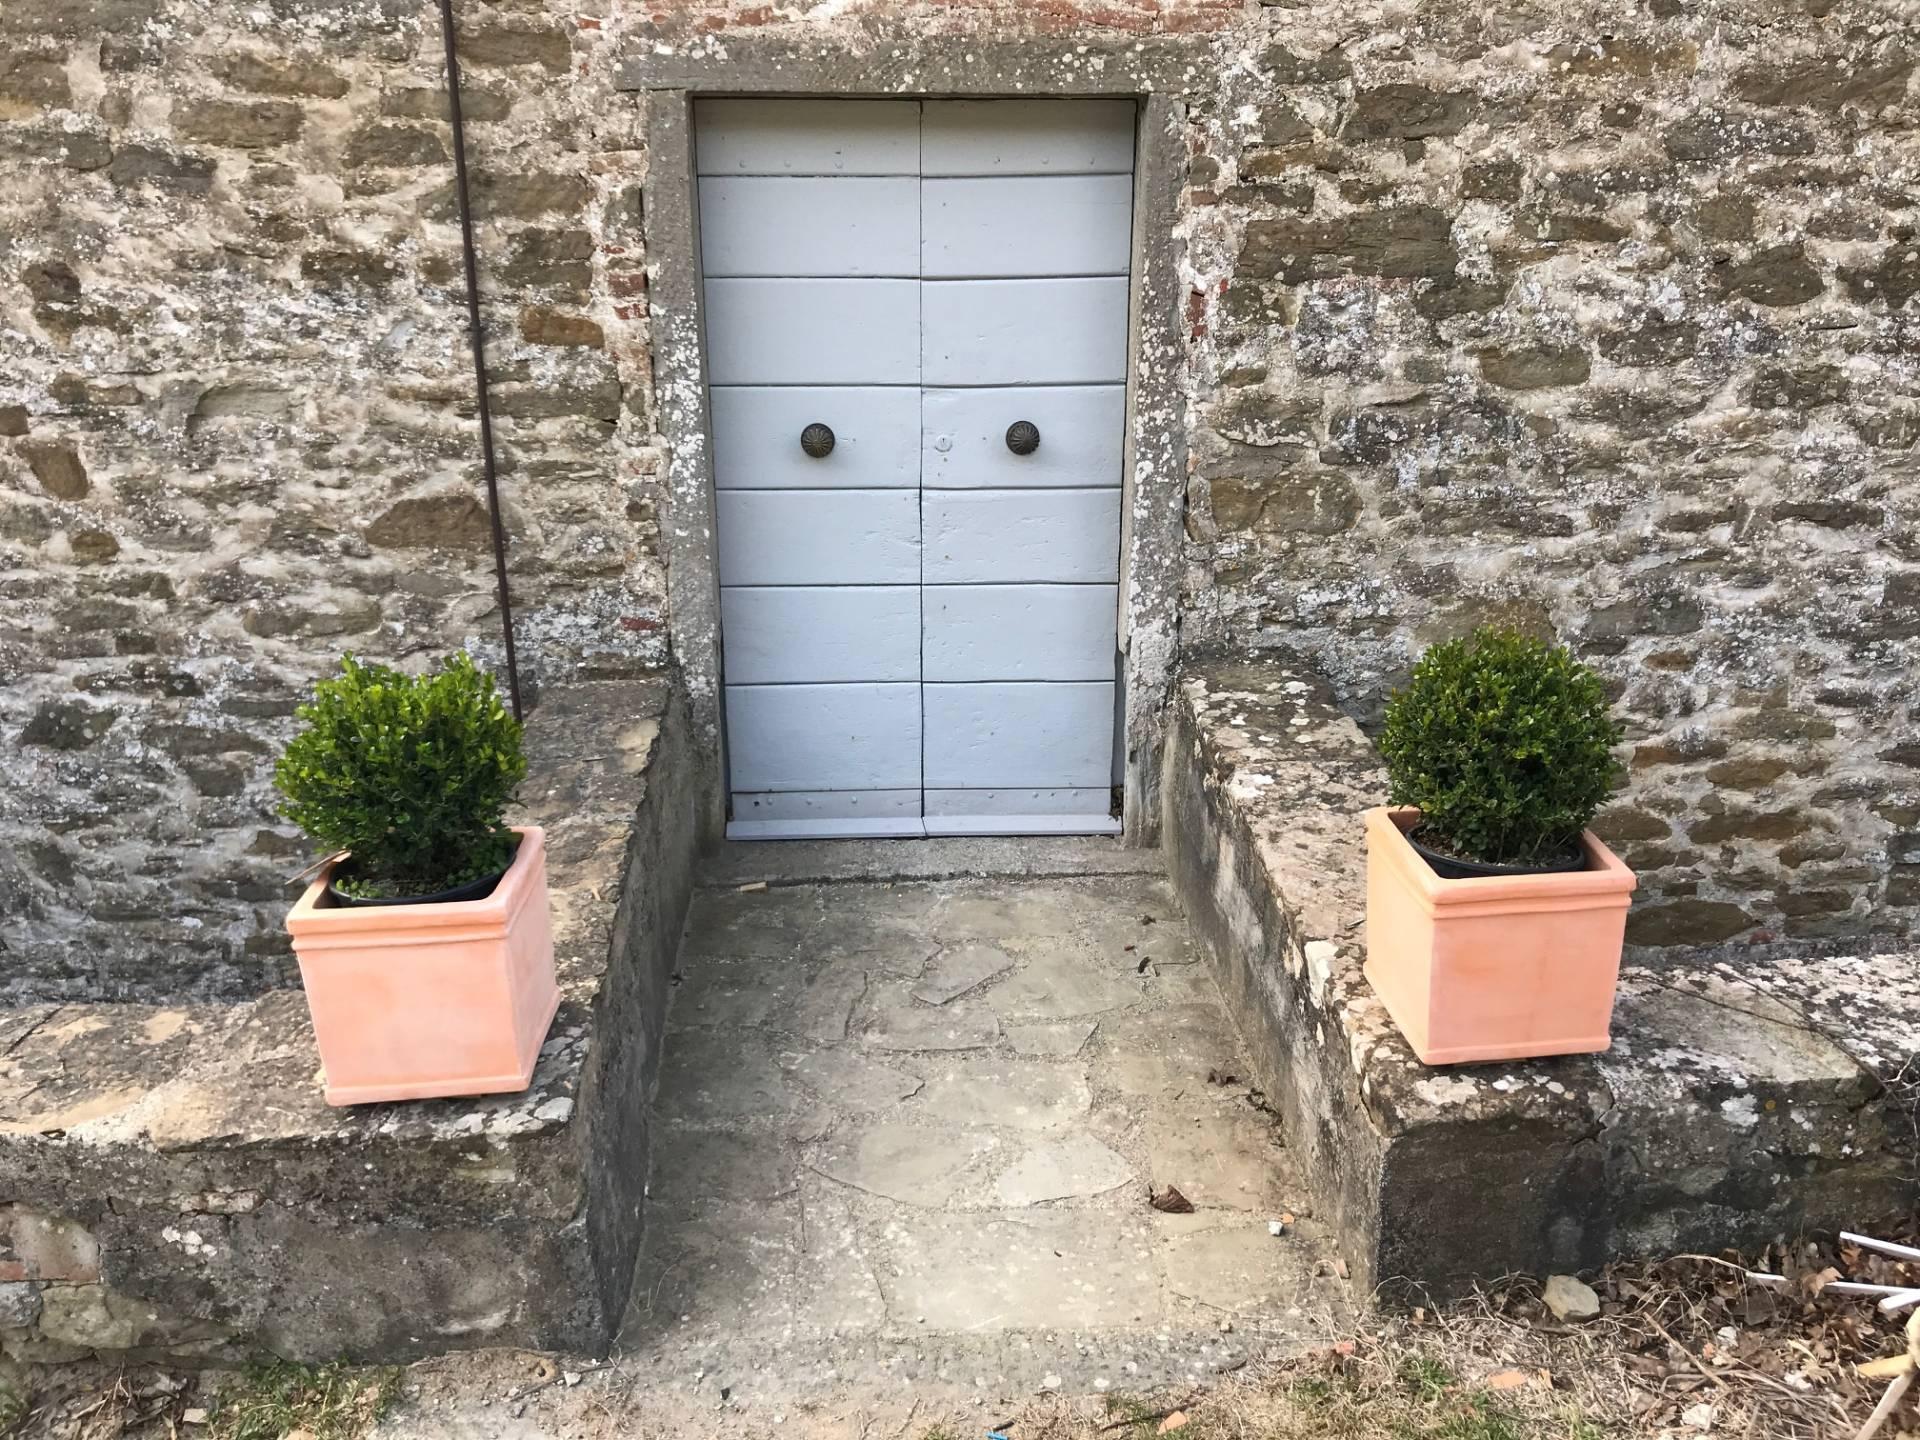 Appartamento in vendita a Anghiari, 11 locali, zona Zona: Scheggia, prezzo € 470.000 | CambioCasa.it